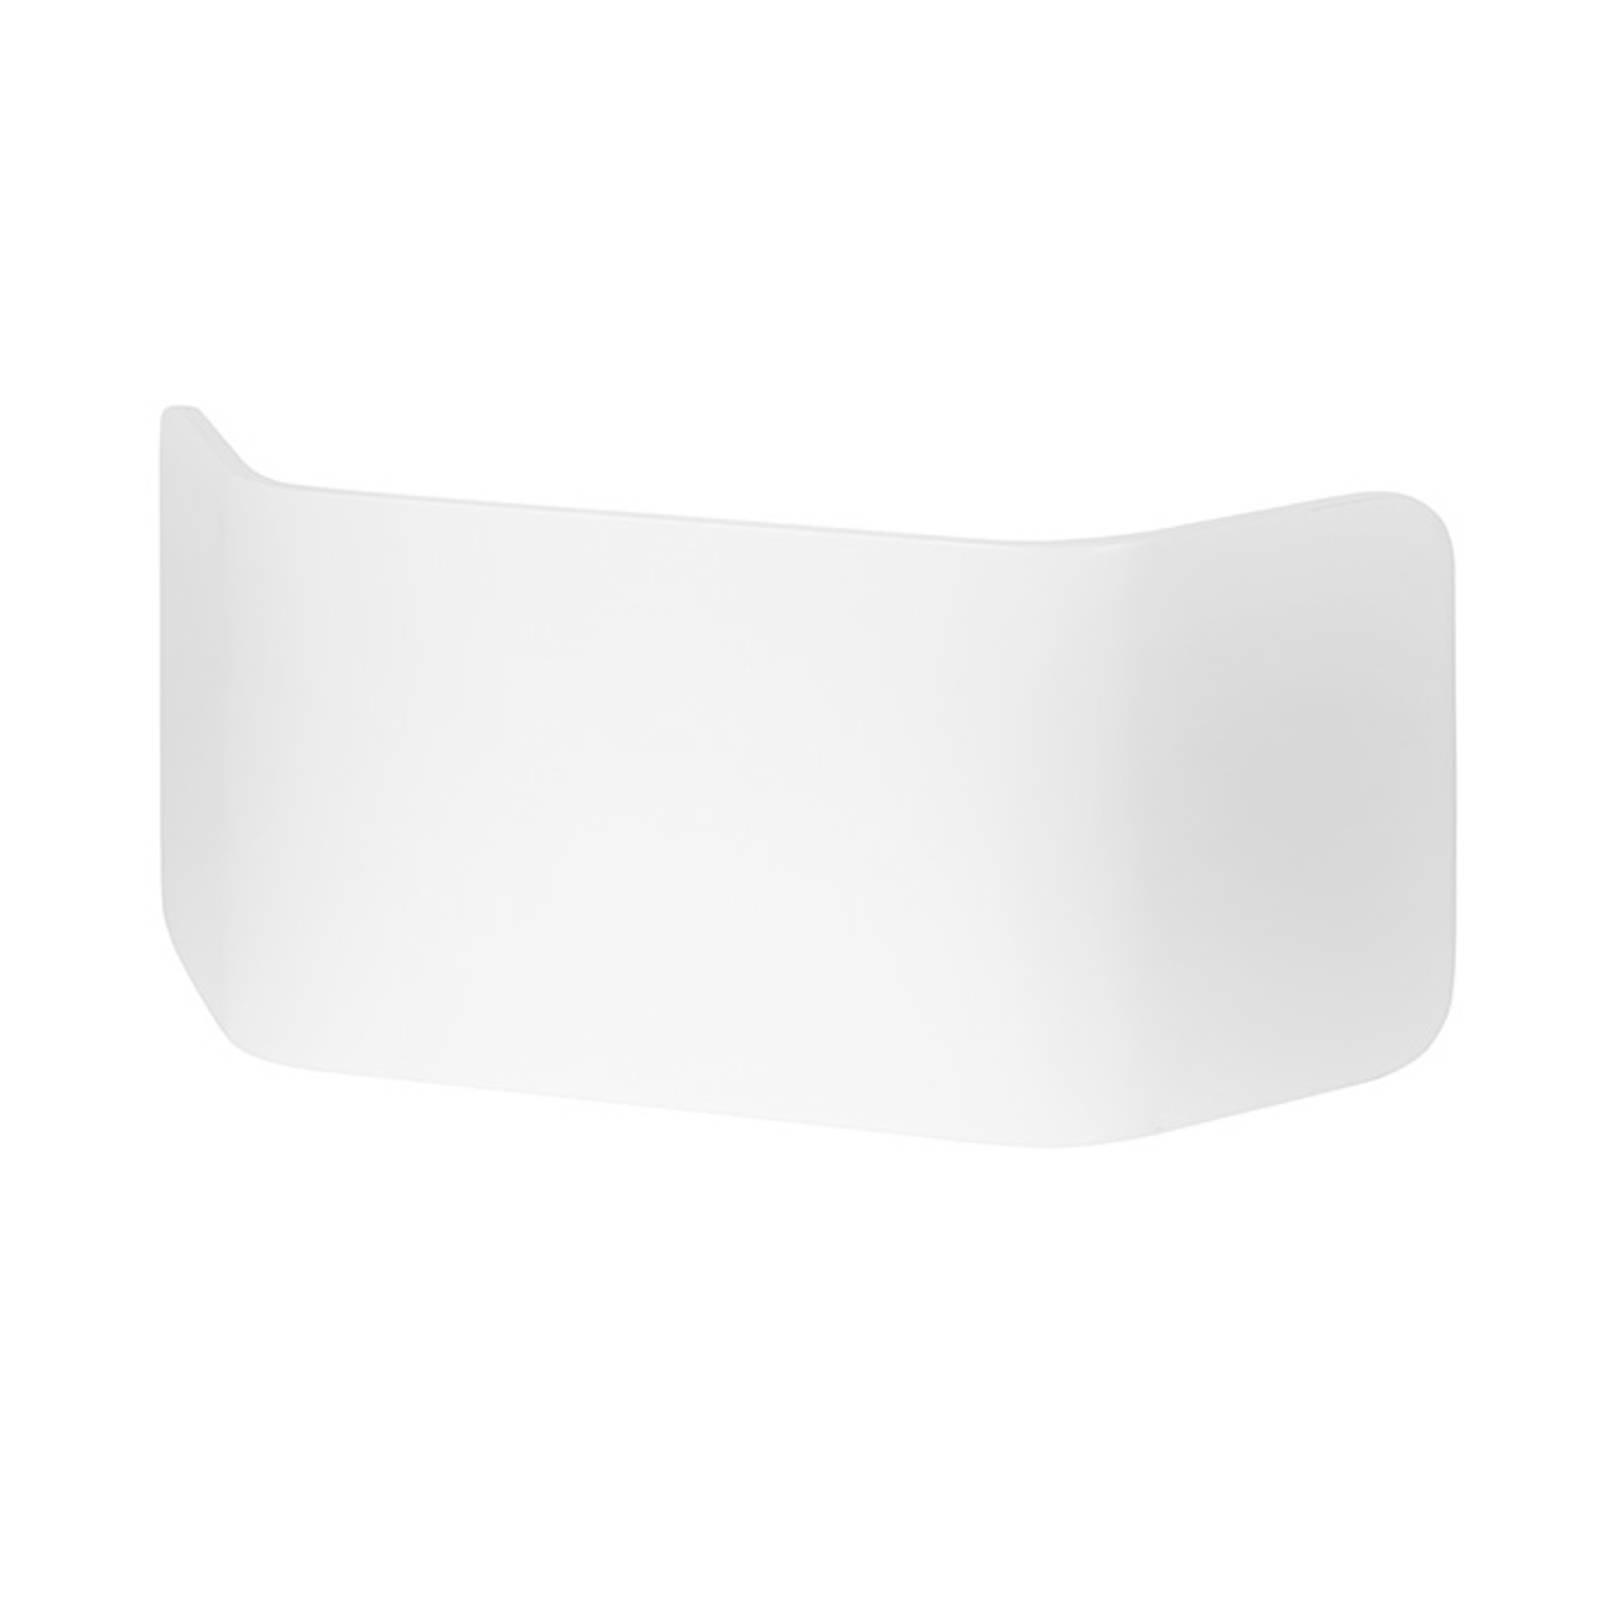 LEDS-C4 Skate LED-vegglampe, opp/ned